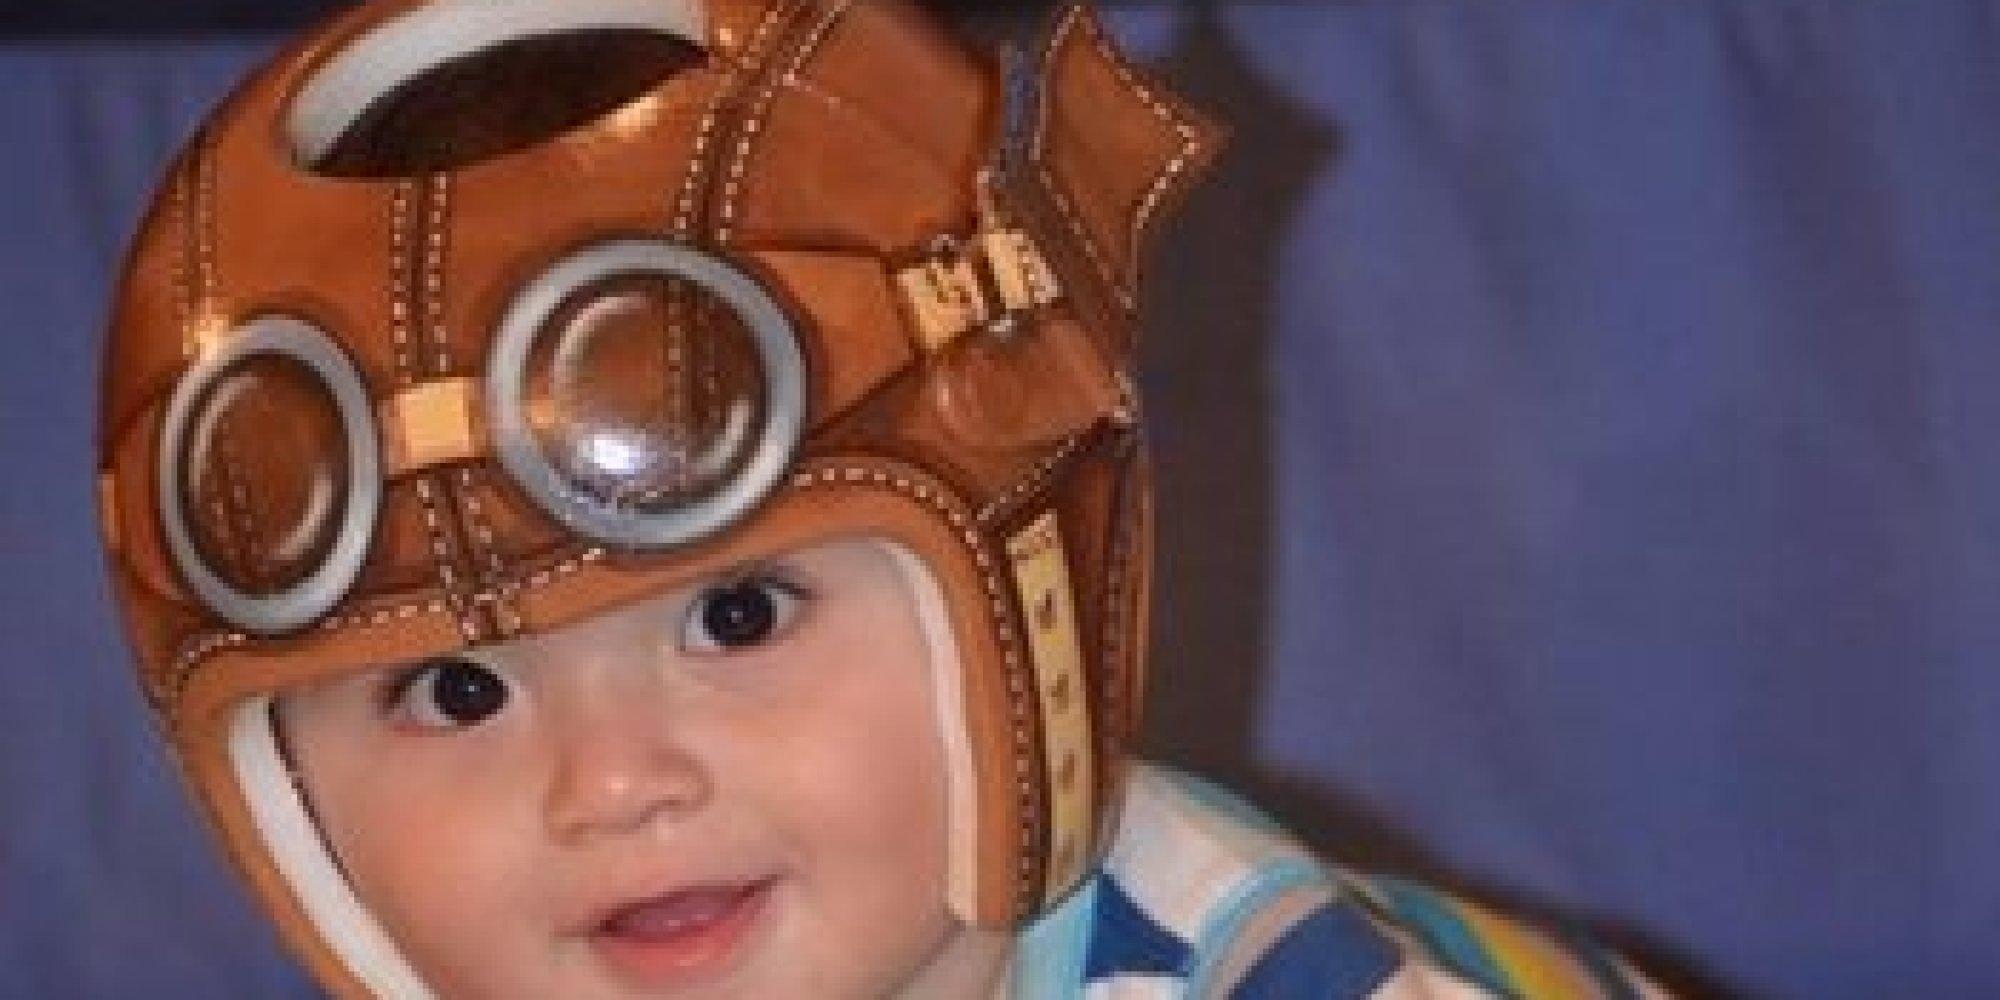 Artist Turns Babies HeadShaping Helmets Into Impressive Works Of - Baby helmet decals